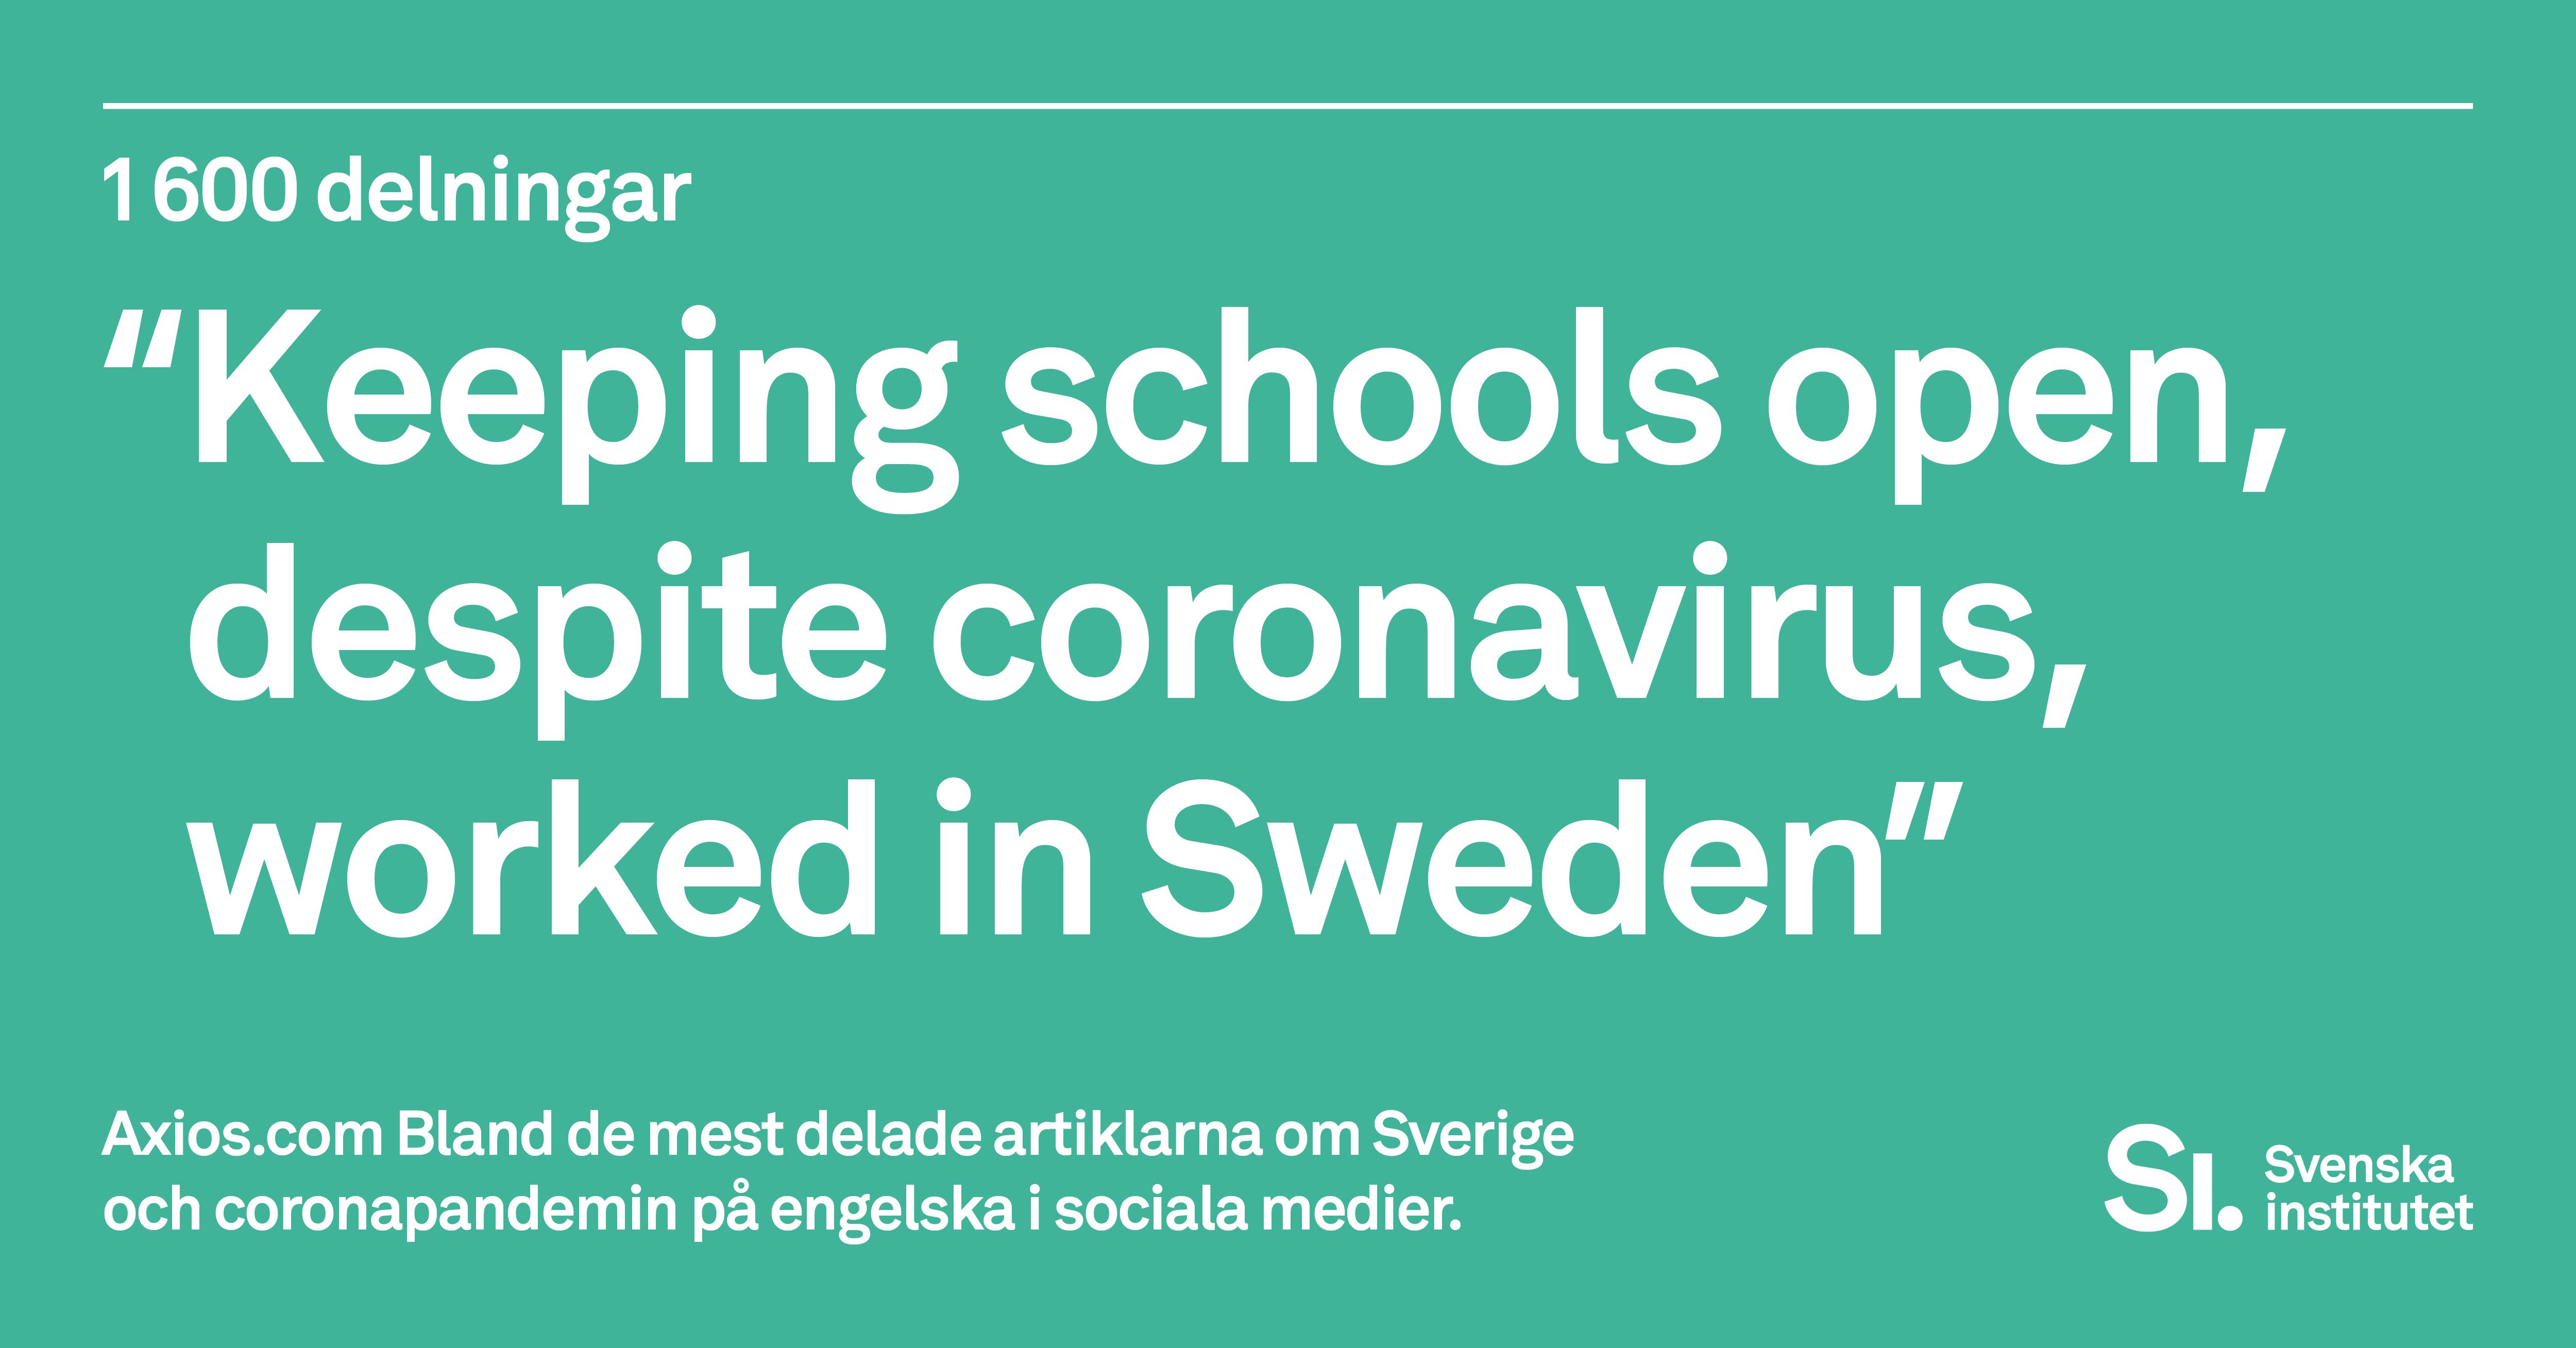 Sverige Och Covid 19 I Internationell Nyhetsrapportering Svenska Institutet